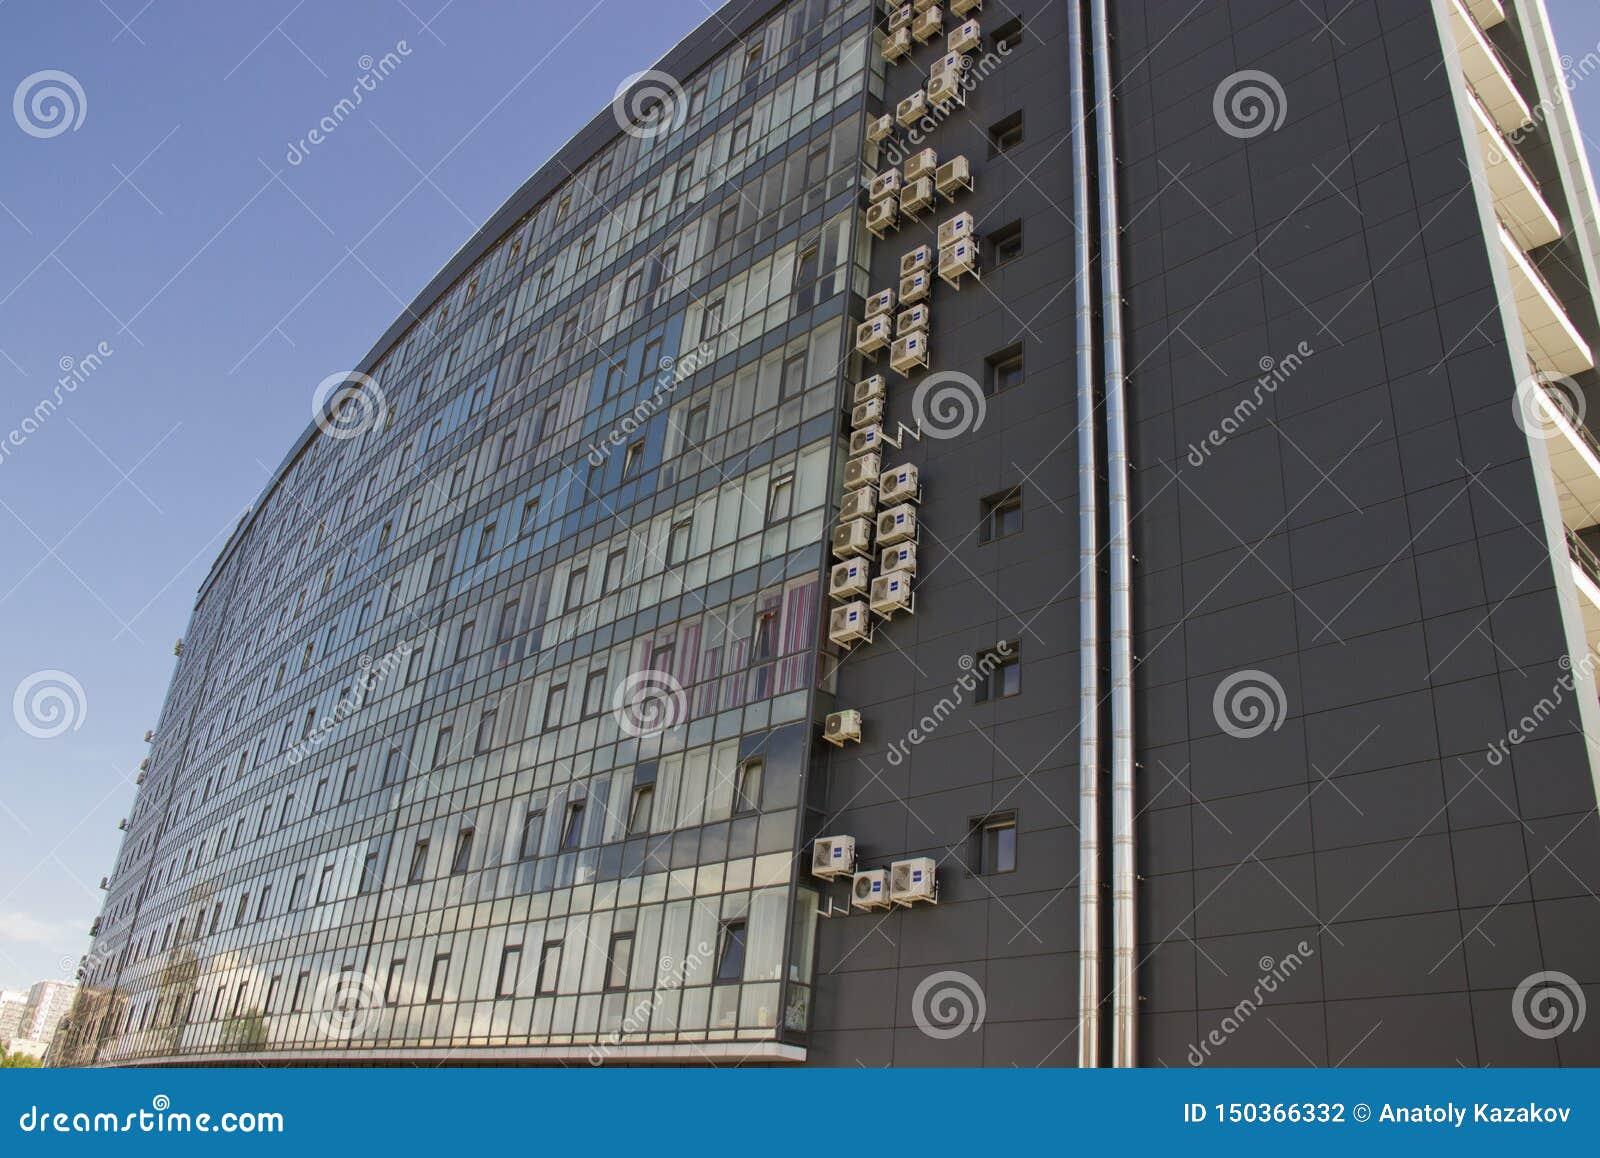 Rusia, Krasnoyarsk, junio de 2019: edificio de varios pisos con Windows y el un montón de cristal de aire acondicionado